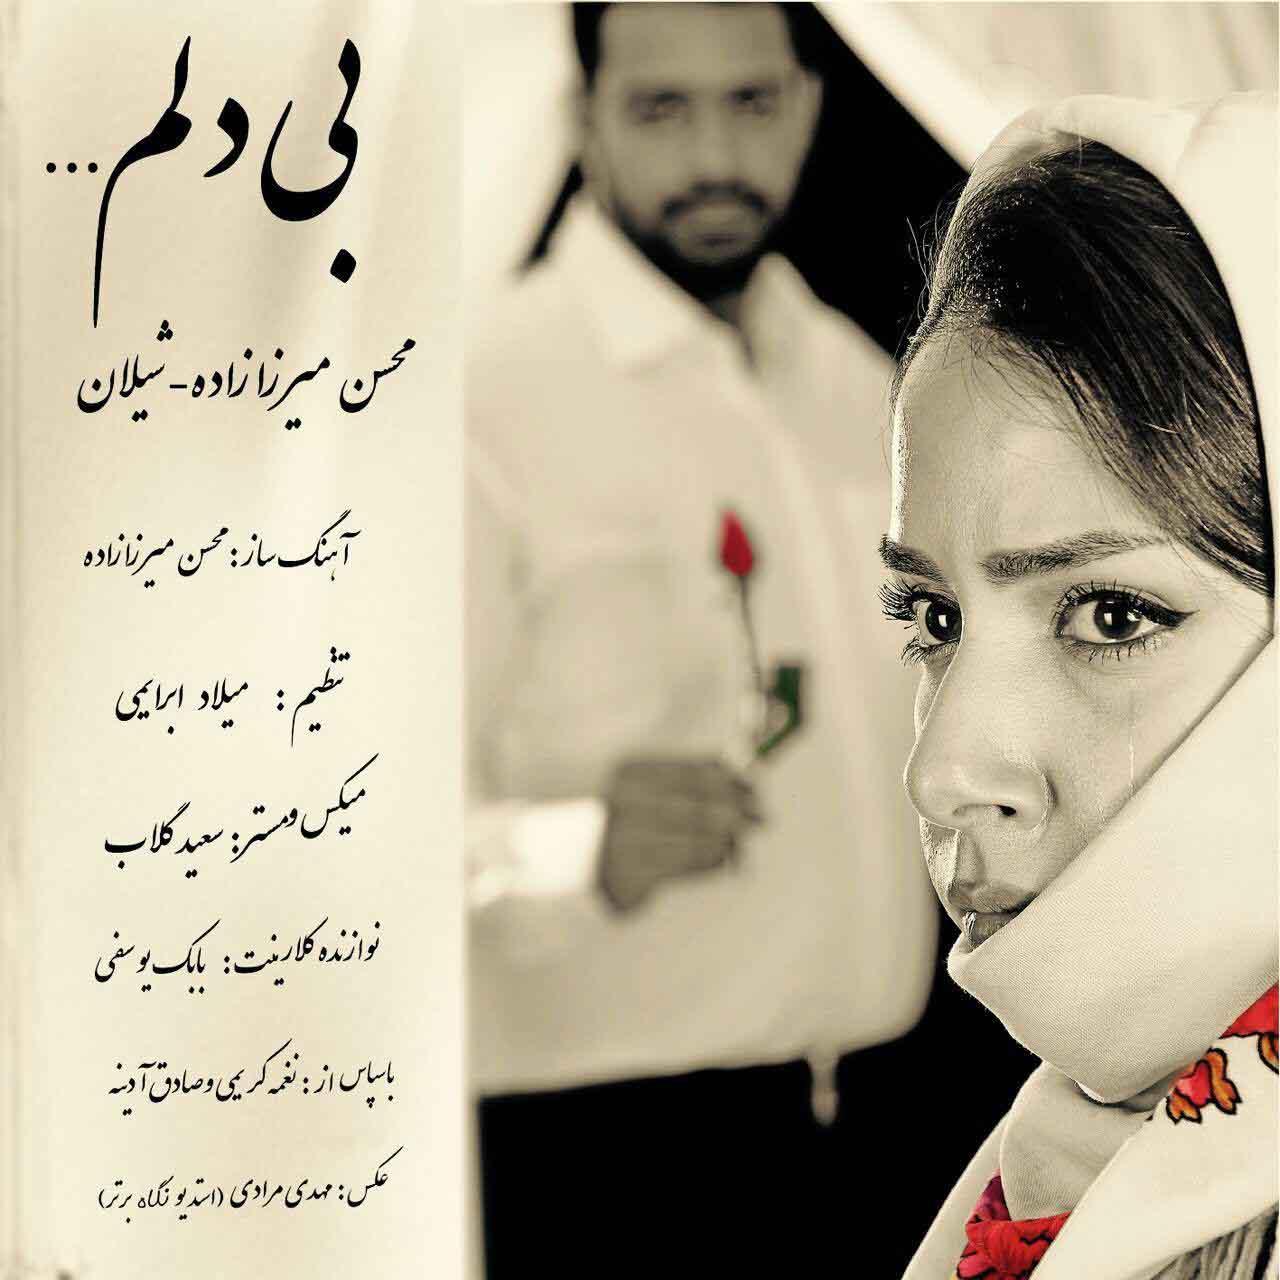 آهنگ جدید محسن میرزازاده به نام بی دلم در کرمانج موزیک